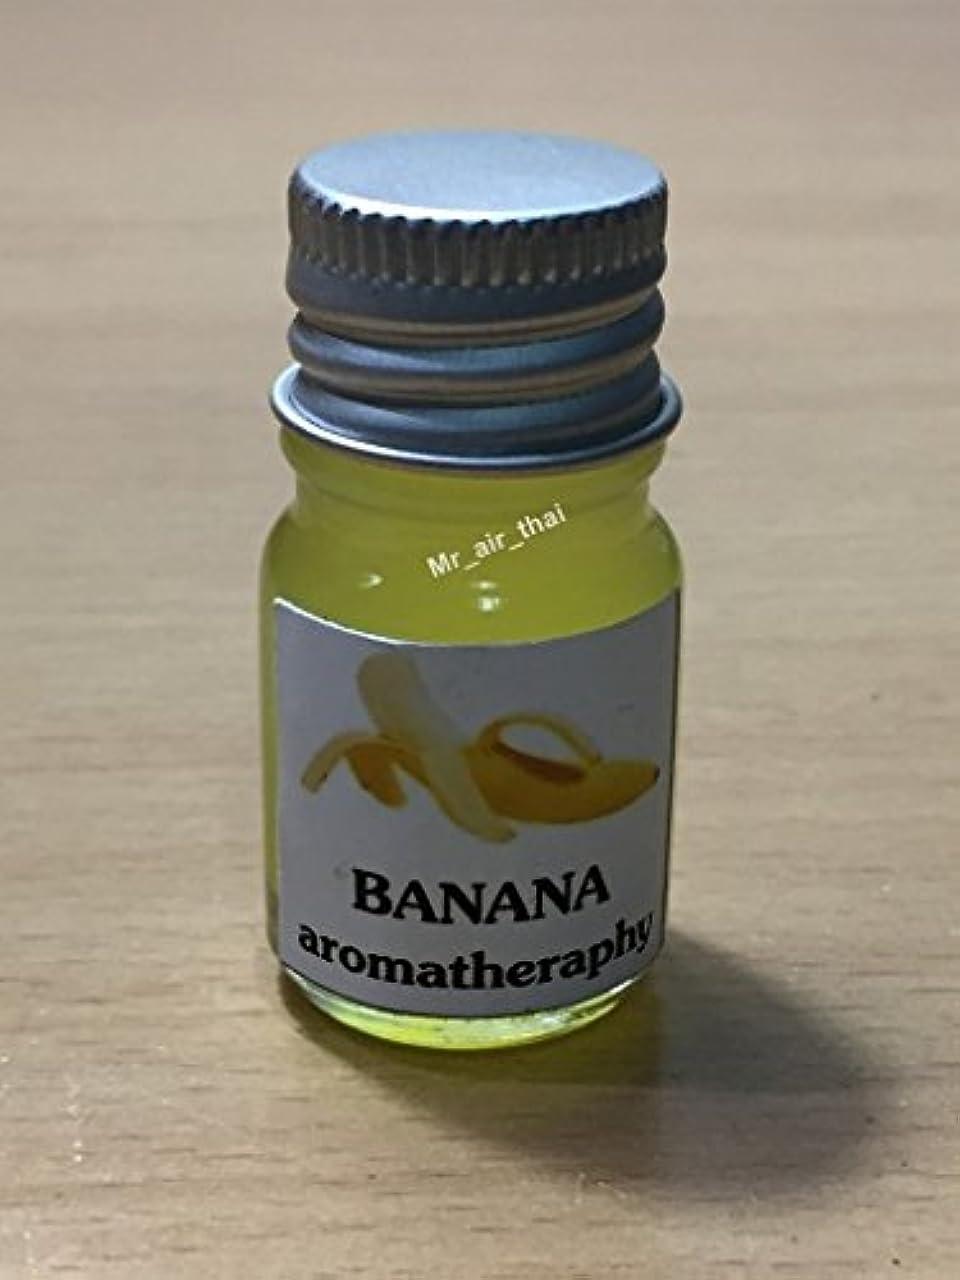 パール承認する格差5ミリリットルアロマバナナフランクインセンスエッセンシャルオイルボトルアロマテラピーオイル自然自然5ml Aroma Banana Frankincense Essential Oil Bottles Aromatherapy...